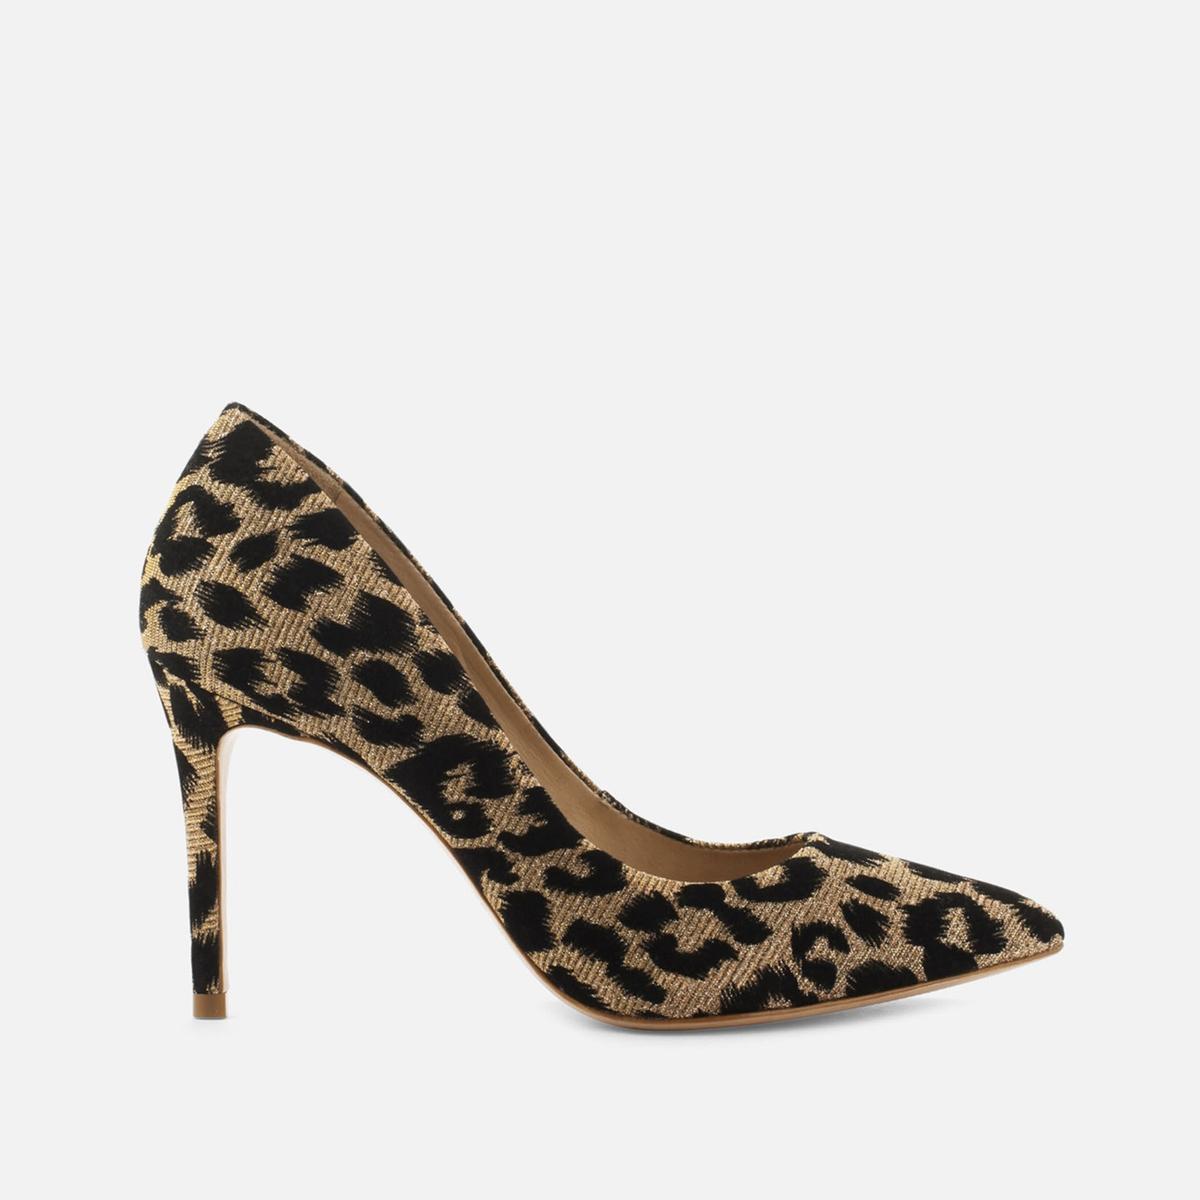 Туфли La Redoute На каблуке-шпильке AzoaGlitleo 36 каштановый туфли la redoute на среднем каблуке с питоновым принтом 36 каштановый